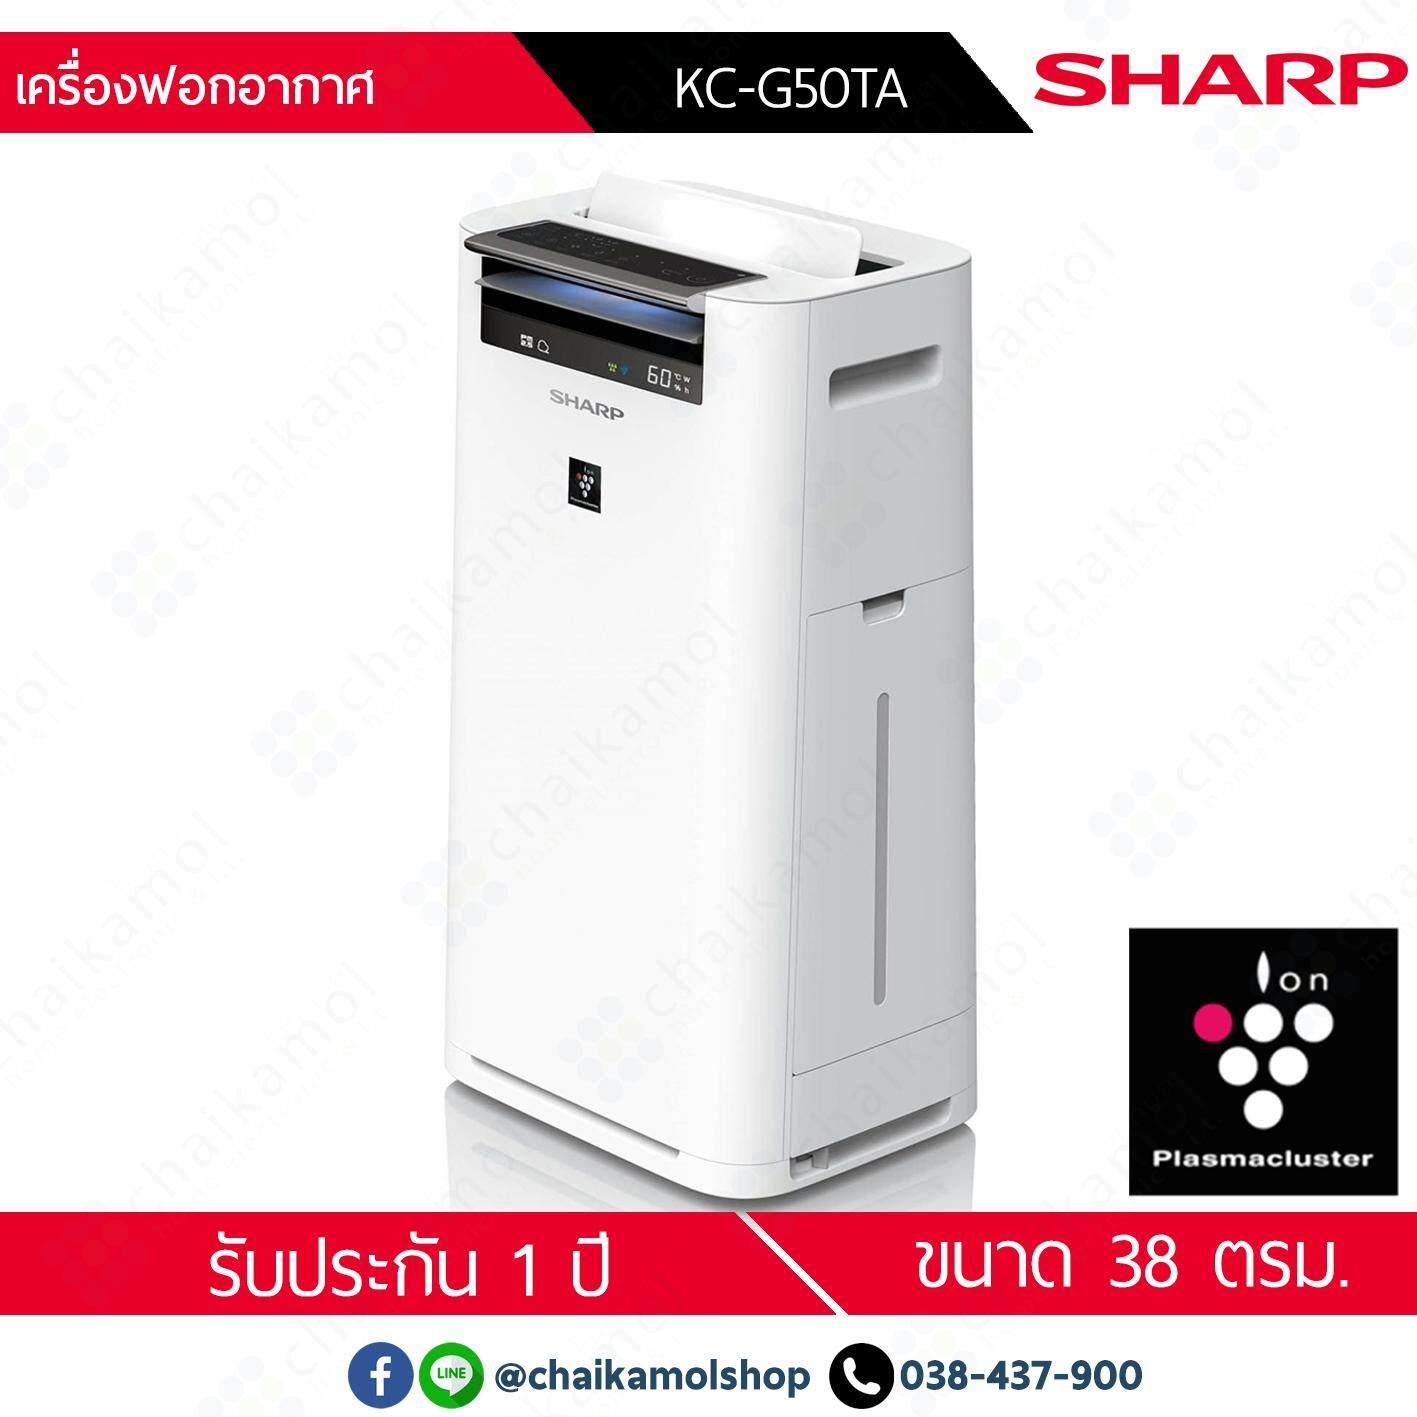 ทำบัตรเครดิตออนไลน์  จันทบุรี SHARP เครื่องฟอกอากาศ KC-G50TA 38 ตรม.